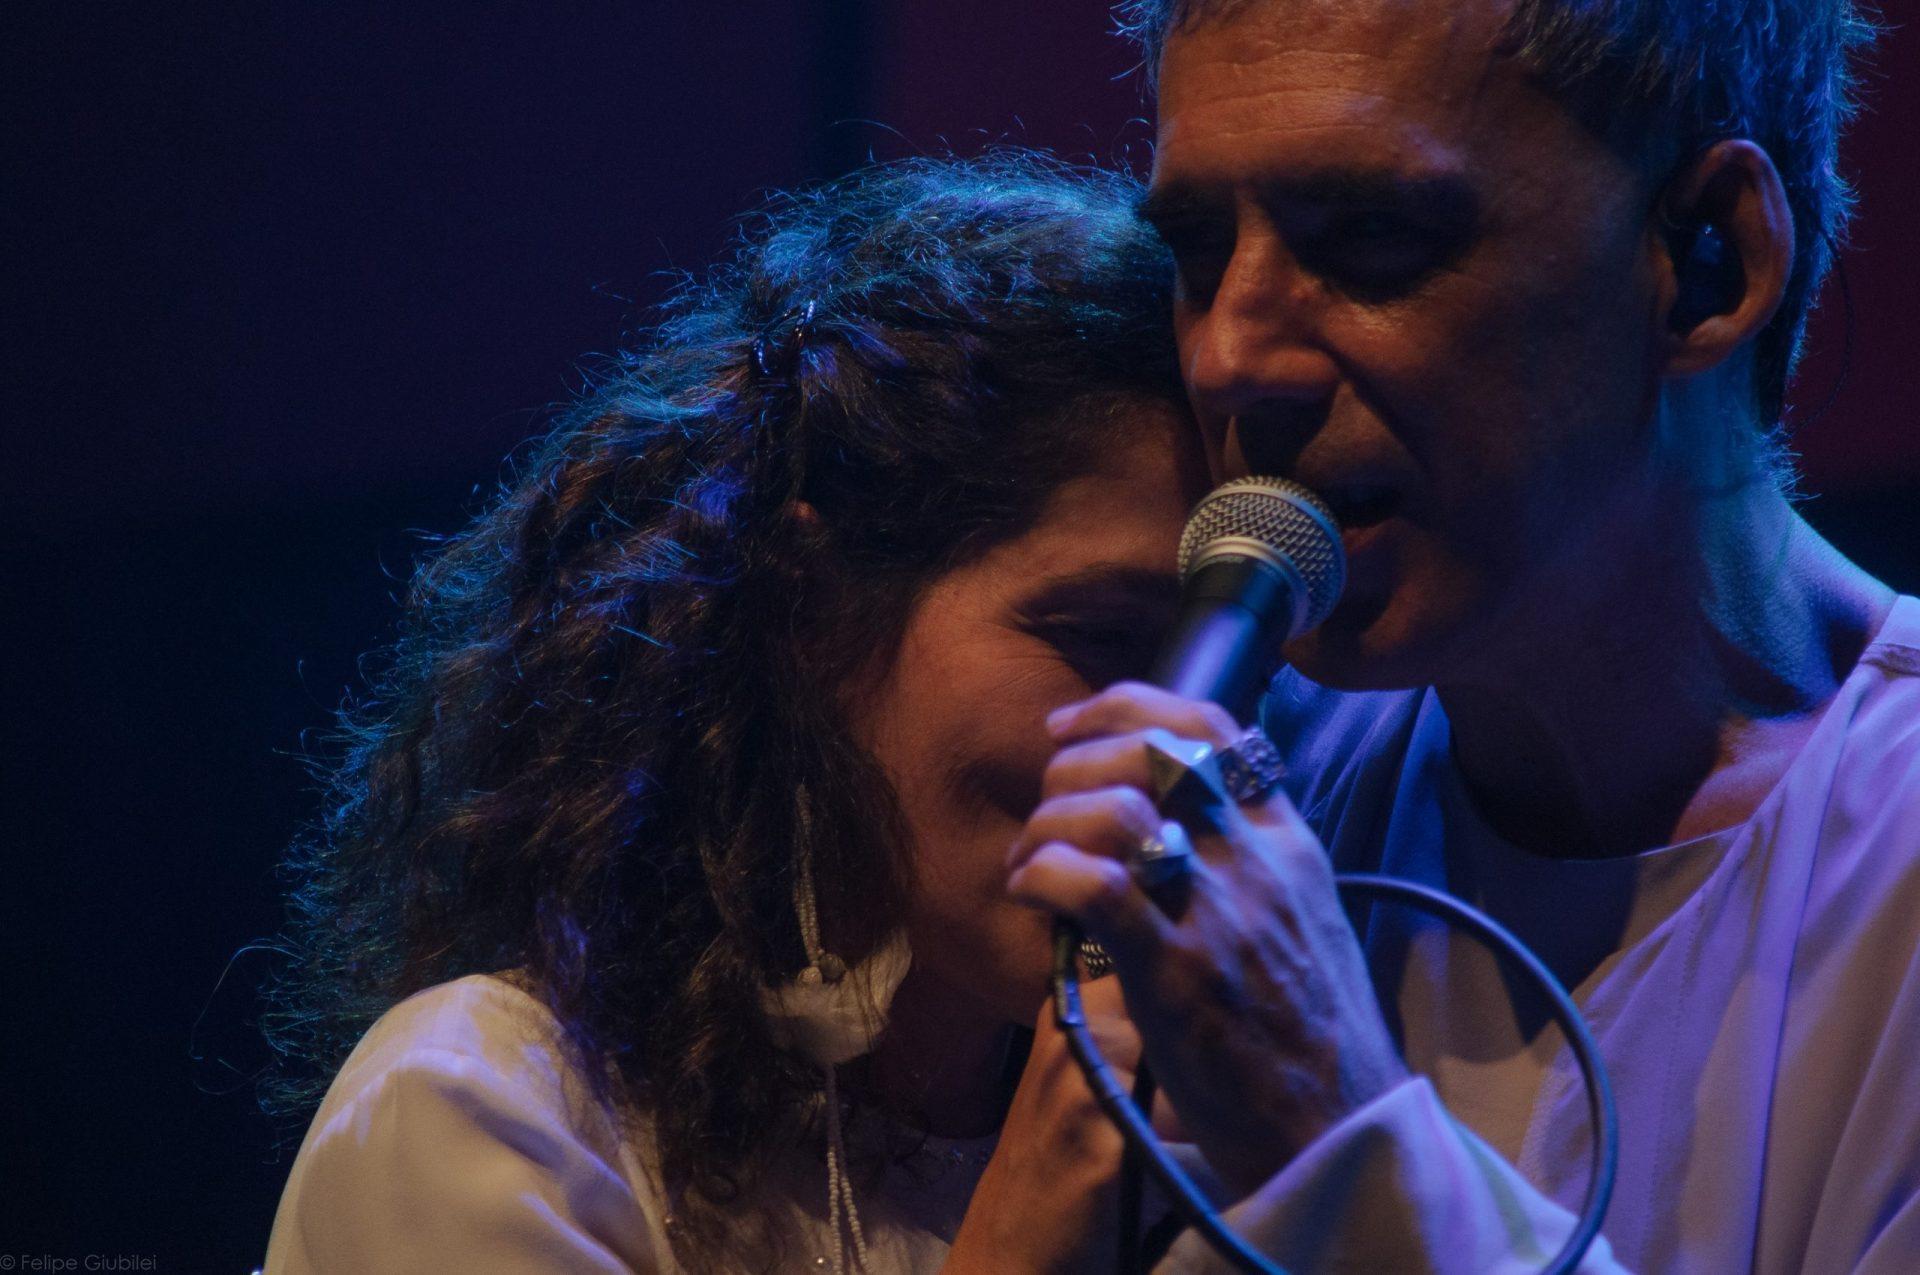 Imagem 14 do Evento Arnaldo Antunes no show Rstuvxz trio